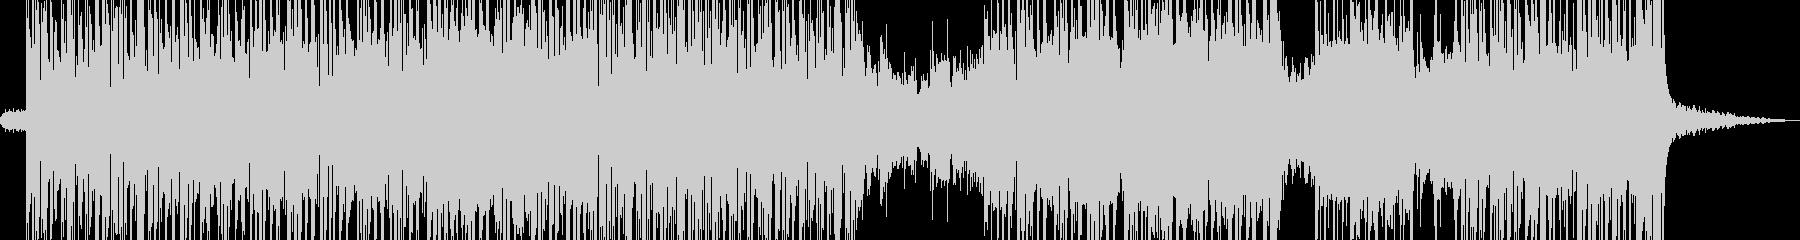 アジト・無機質アなグレッシブビート A2の未再生の波形